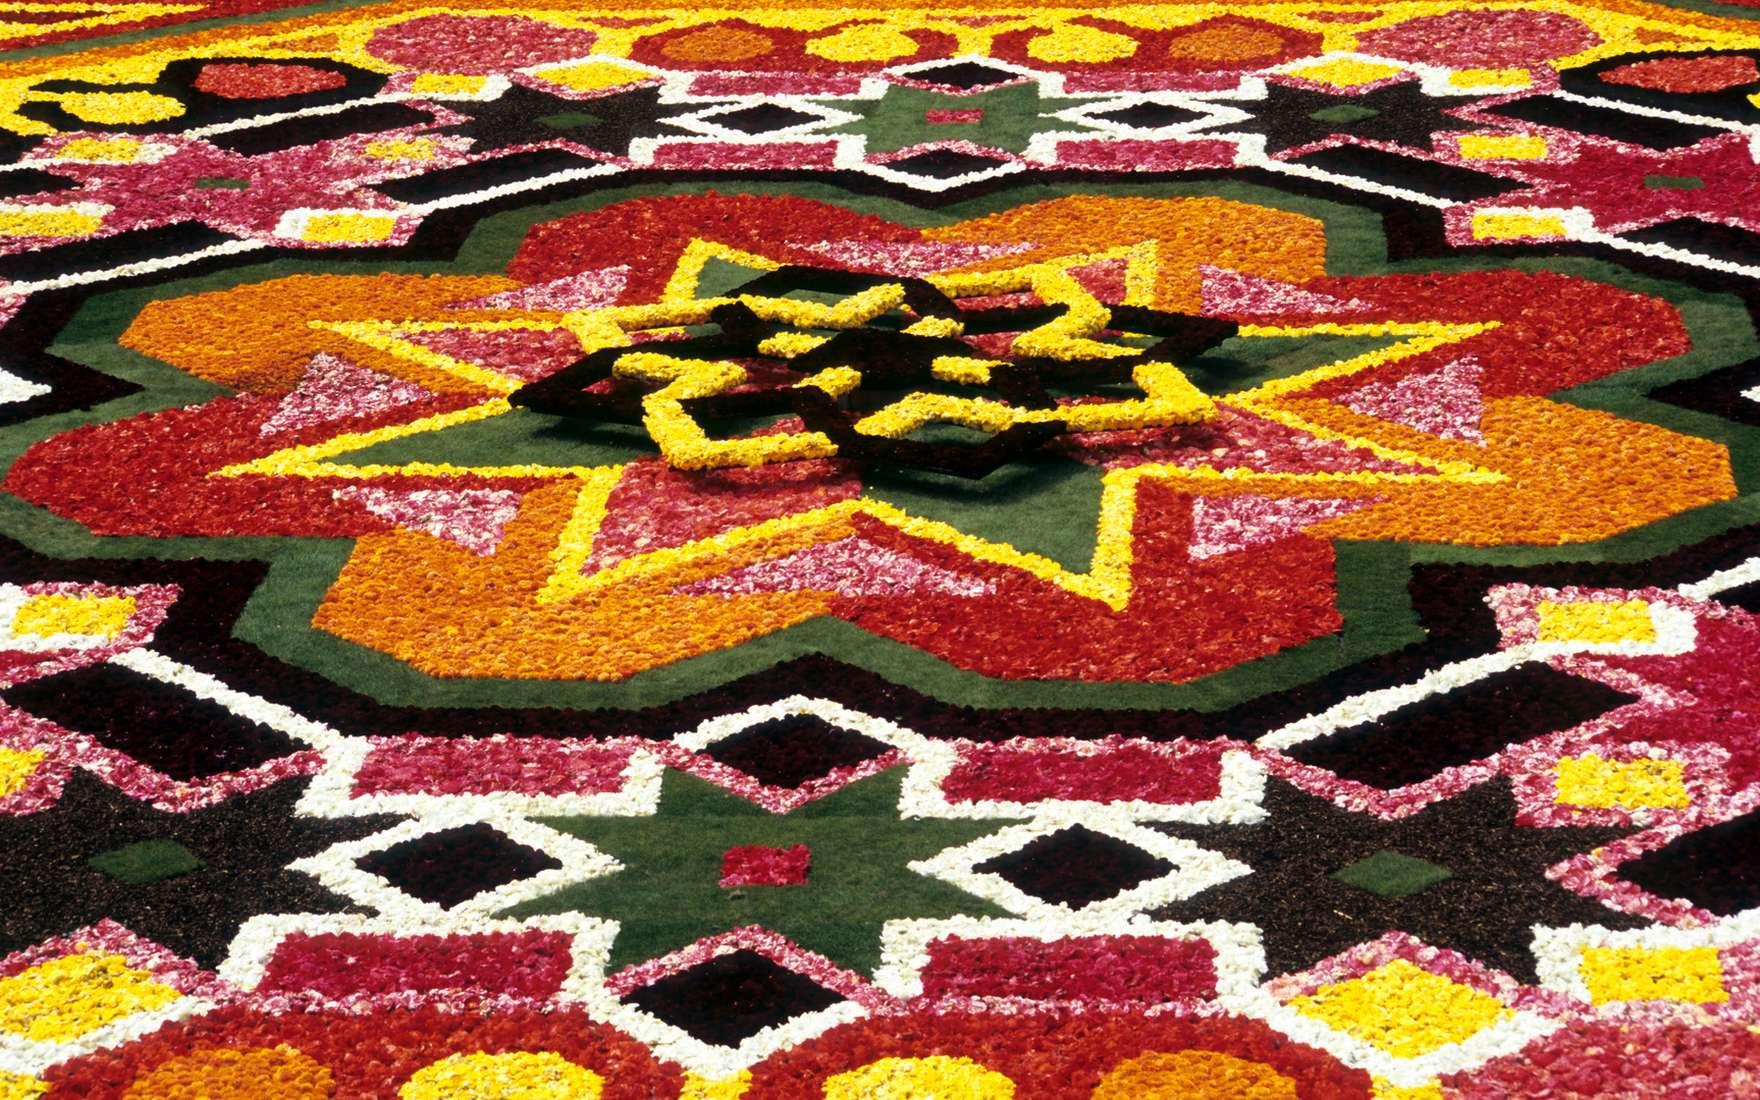 Le tapis de fleurs à Bruxelles sur la Grand-Place, un décor unique renouvelé tous les deux ans. © Alison Cornford, Fotolia